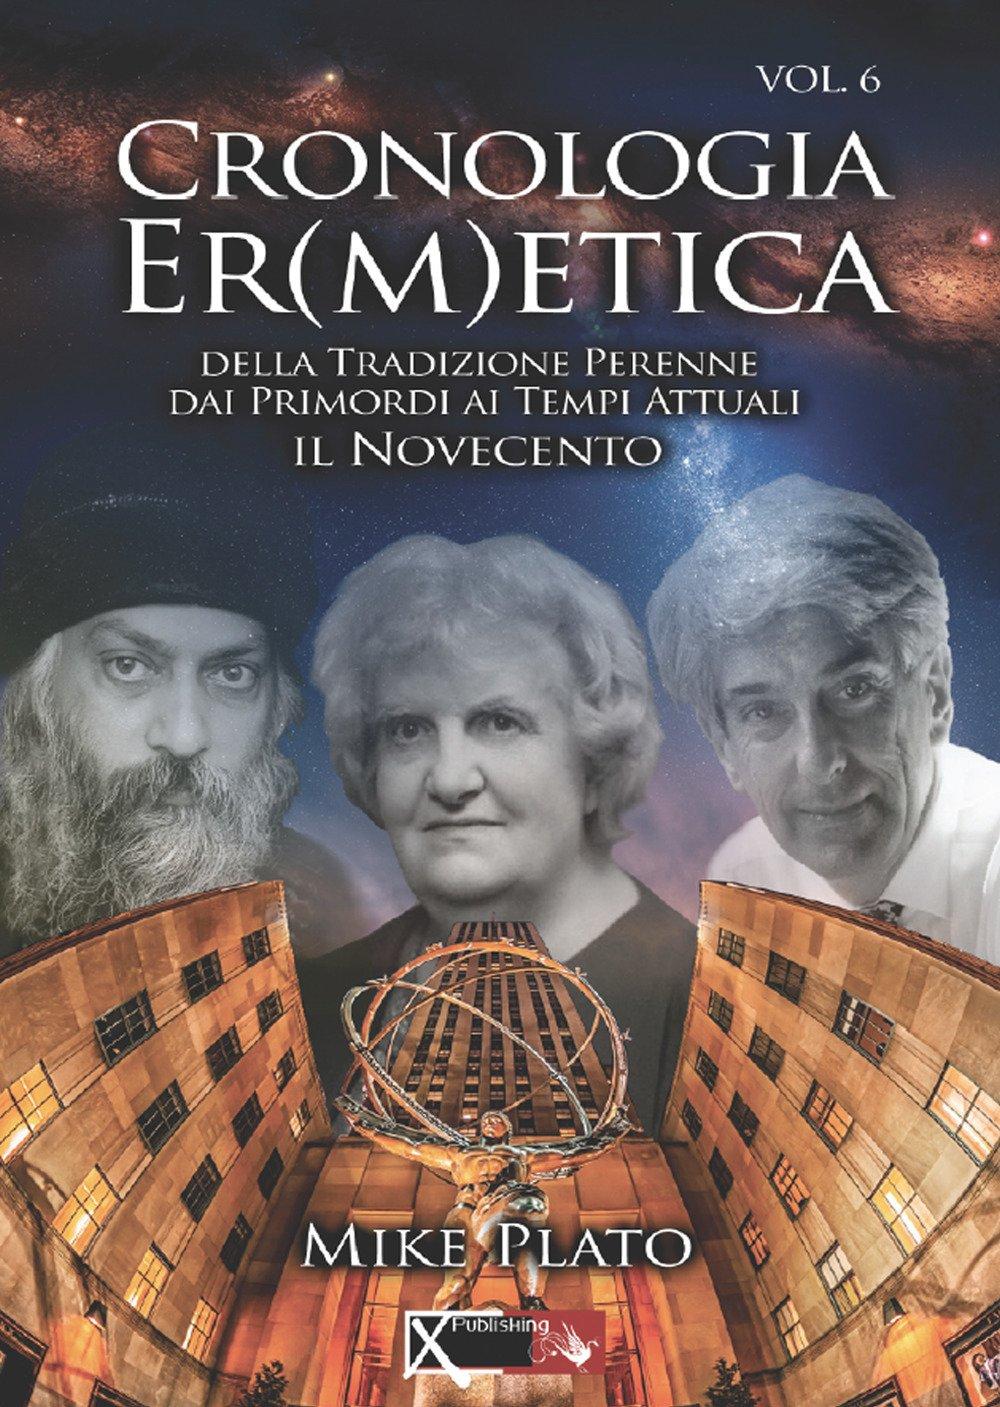 Cronologia er(m)etica. La tradizione perenne dai primordi ai tempi attuali. Vol. 6